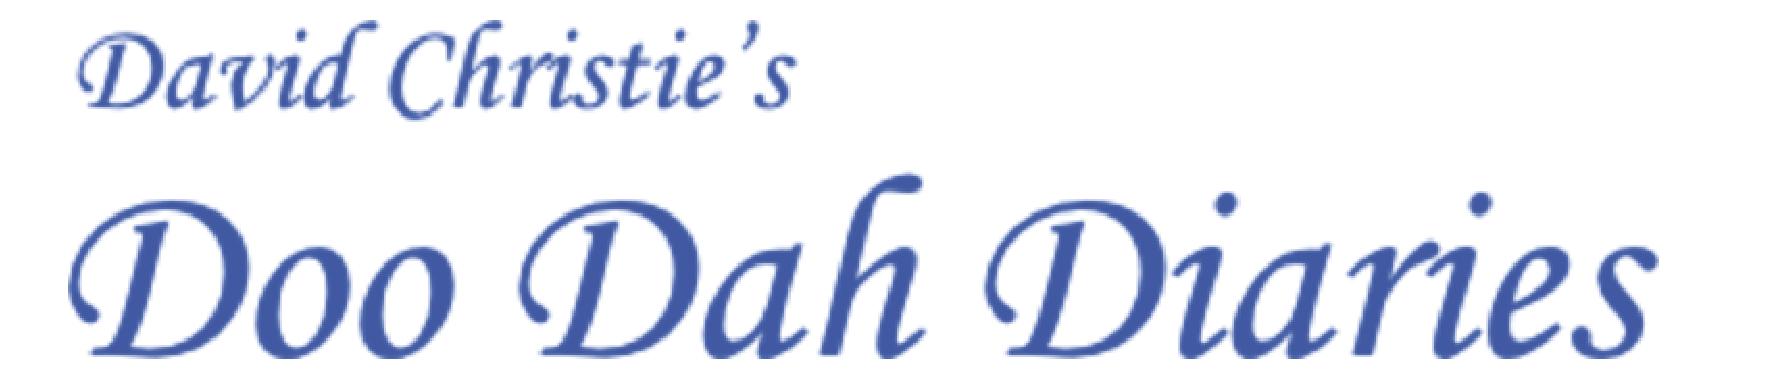 Doo Dah Diaries Logo